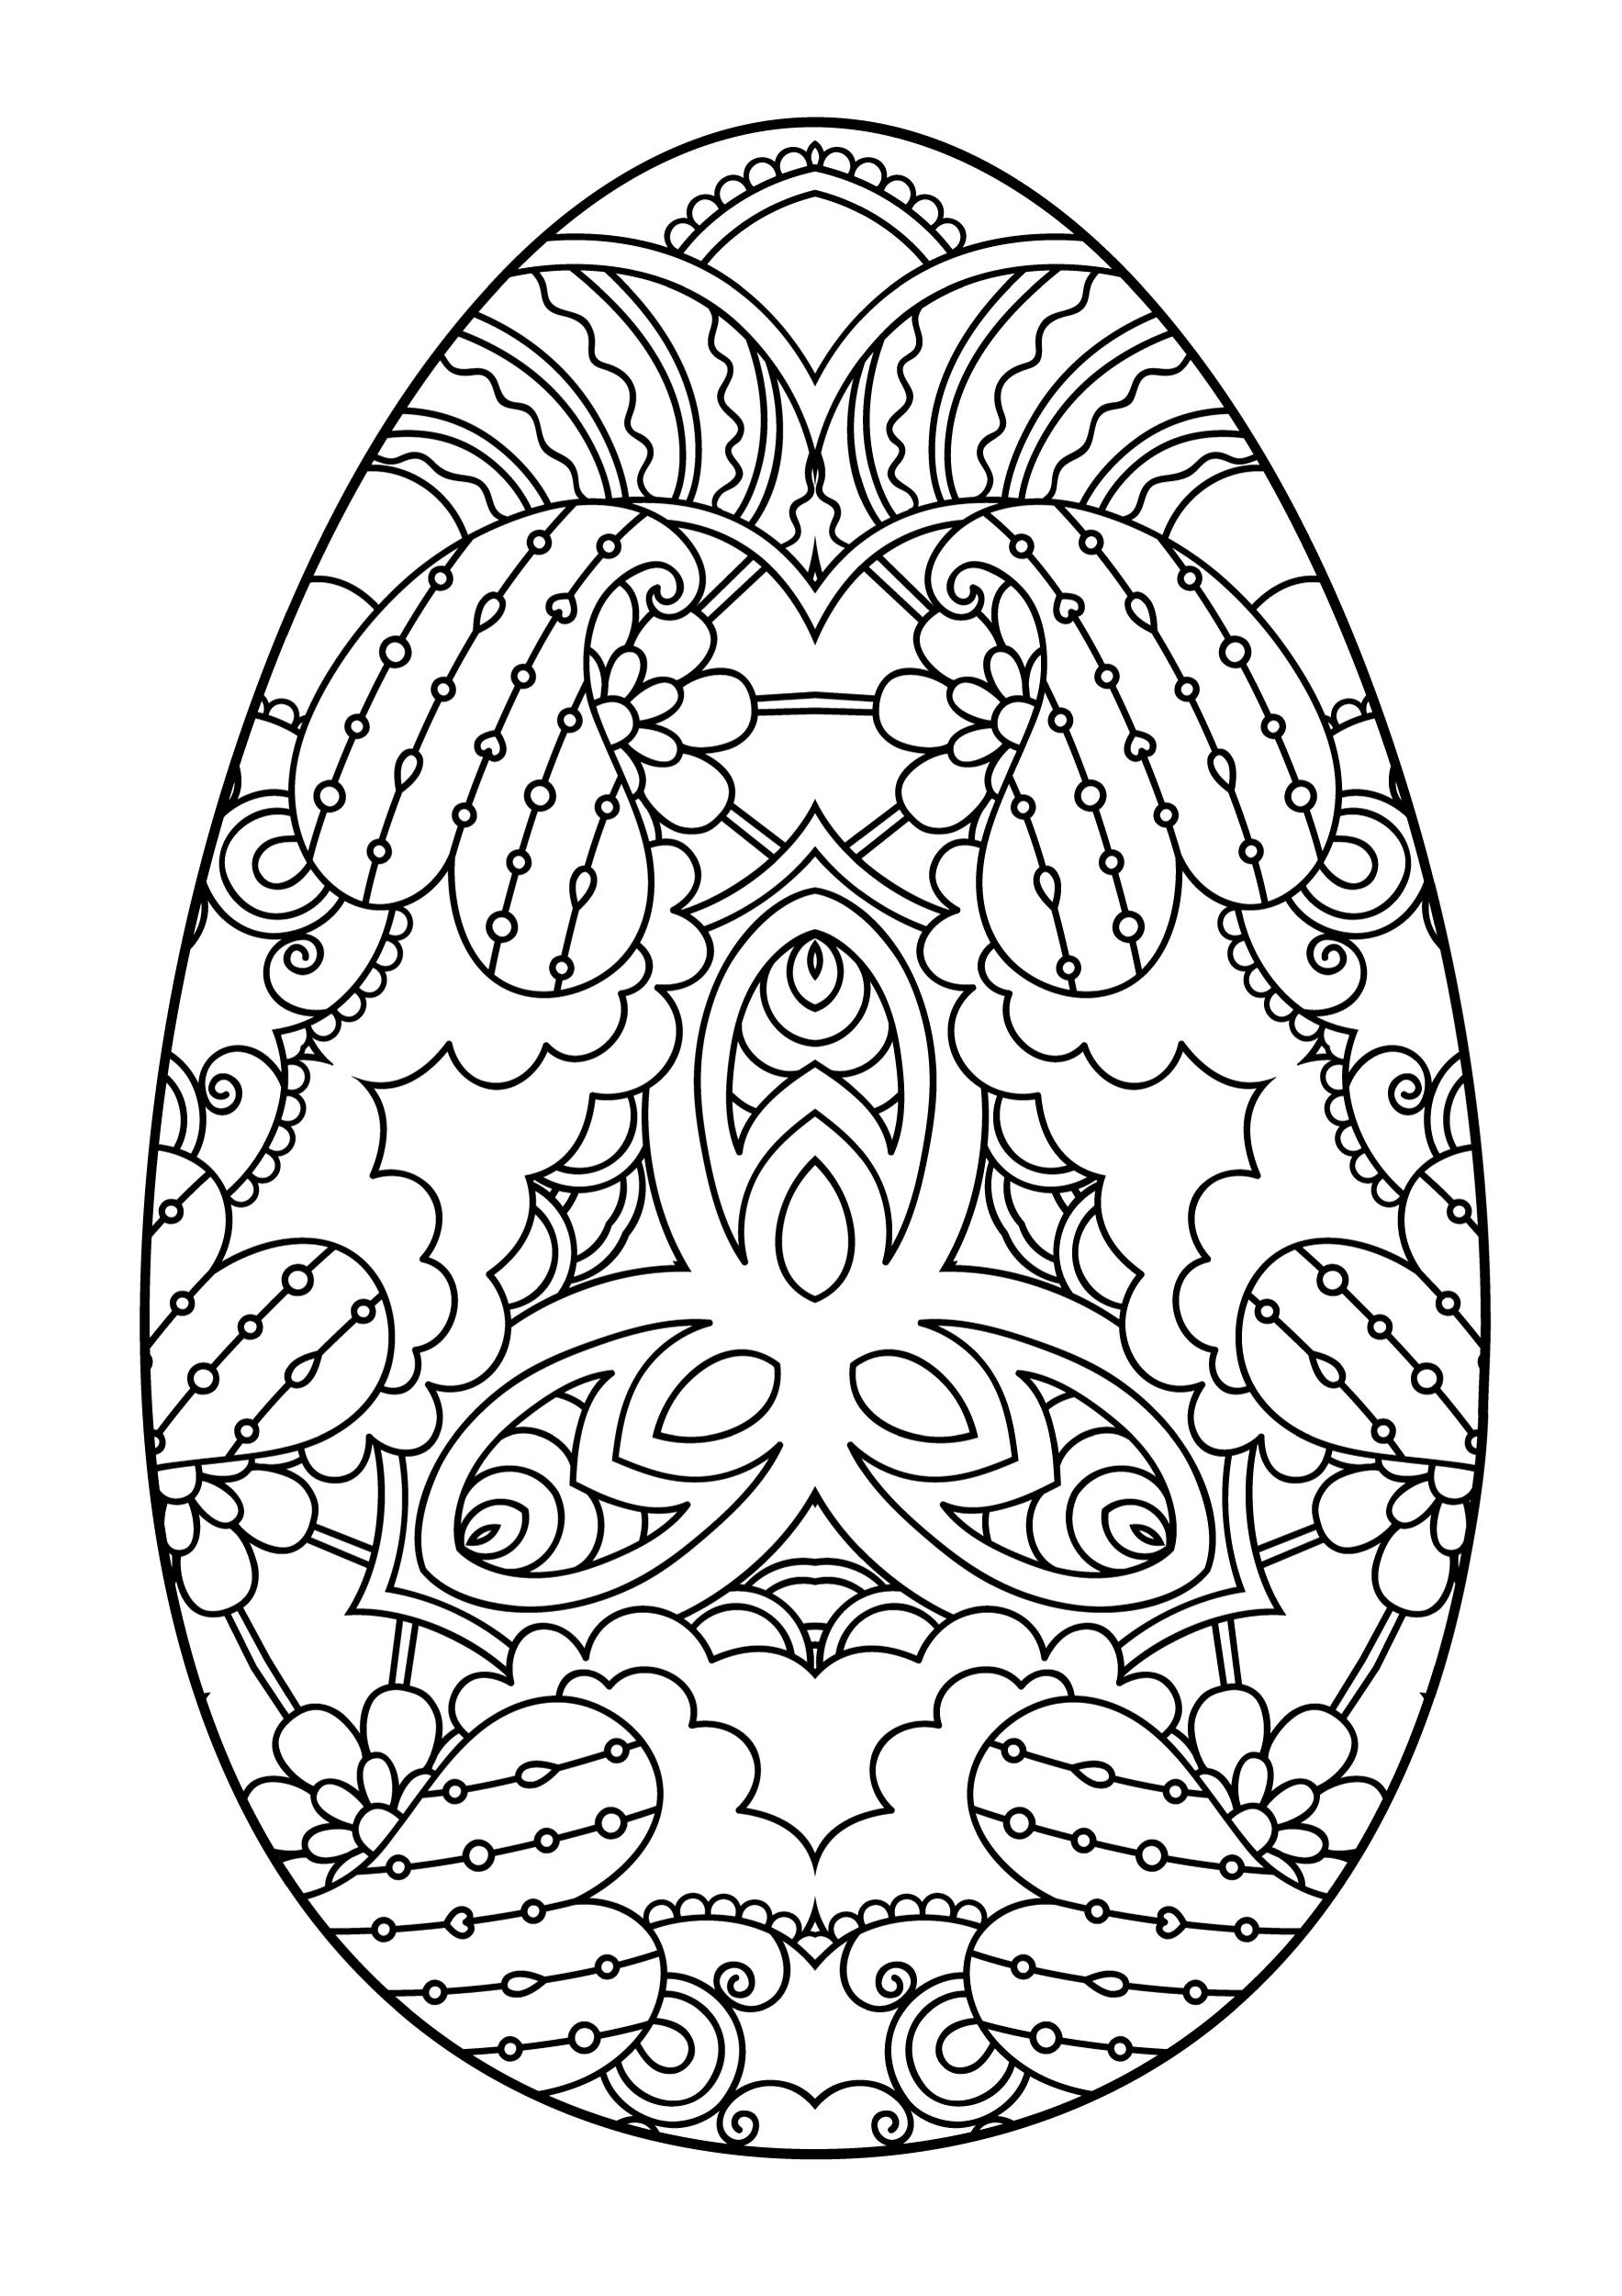 пасхальное яйцо праздники раскраски антистресс